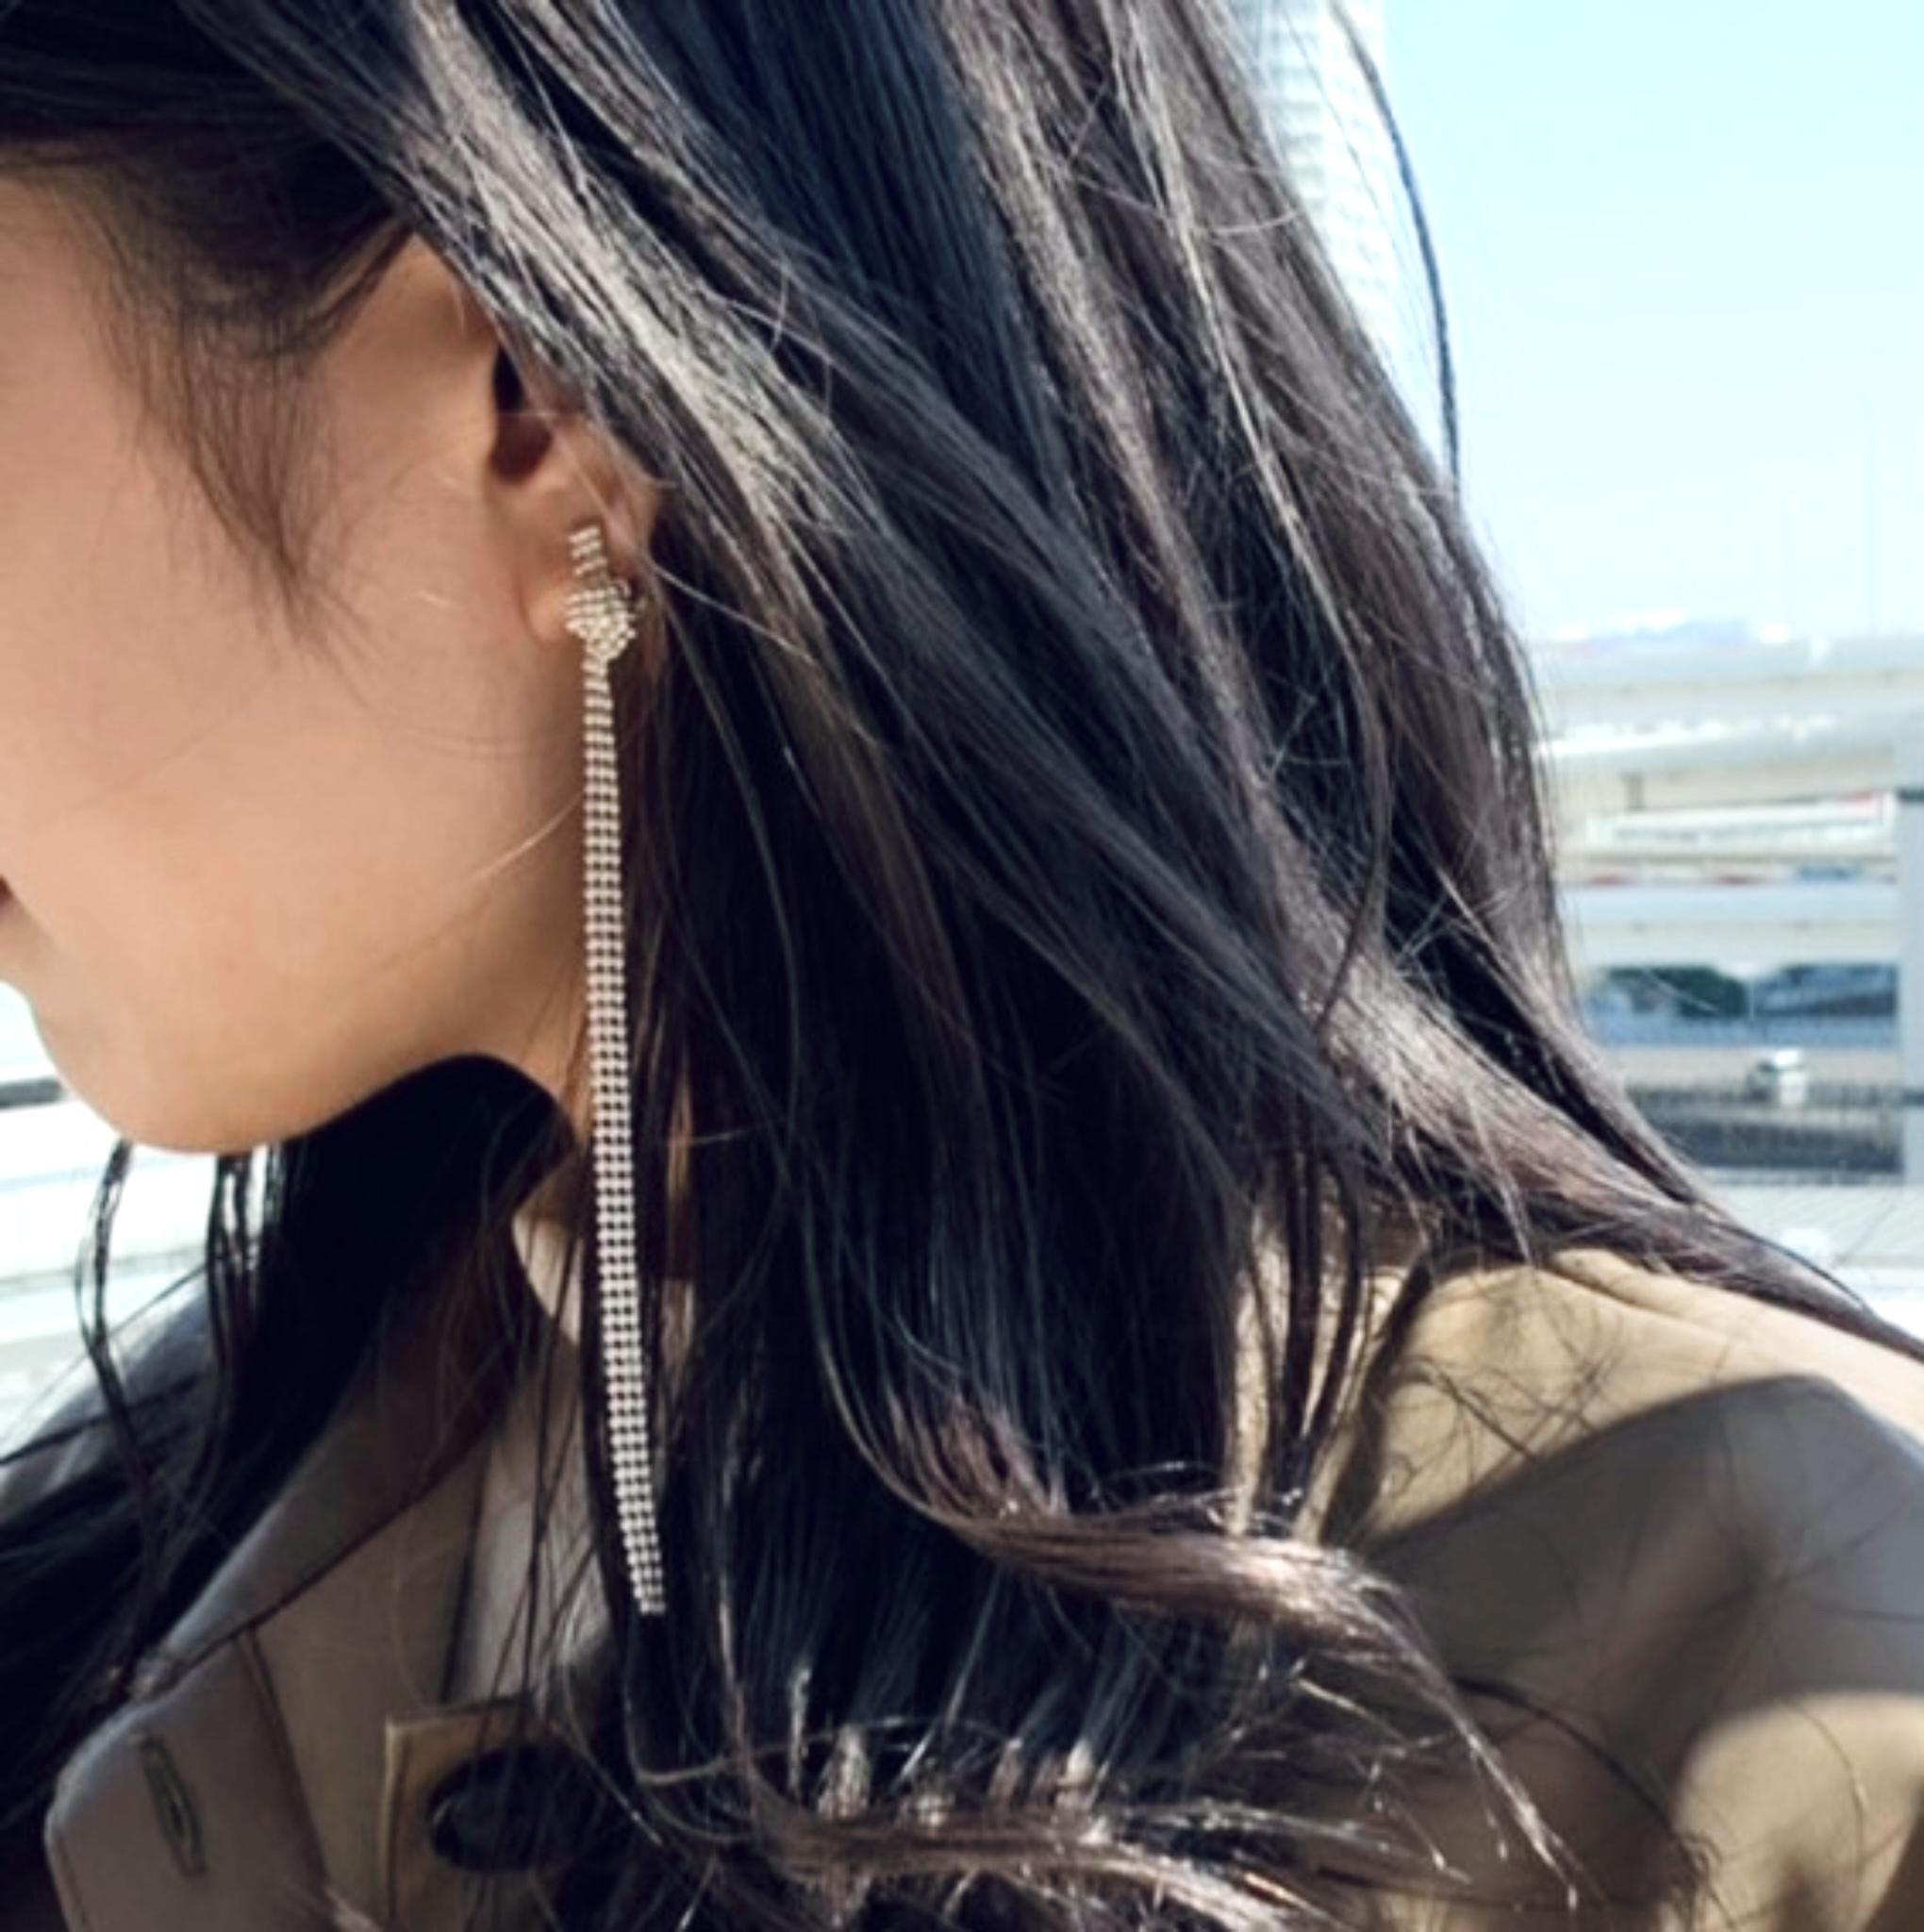 Sea'ds Mara シーズマーラー 日本プライド アクセサリー accessory pierce ピアス earring イヤリング necklace ネックレス シルバー silver gold ゴールド シルバー